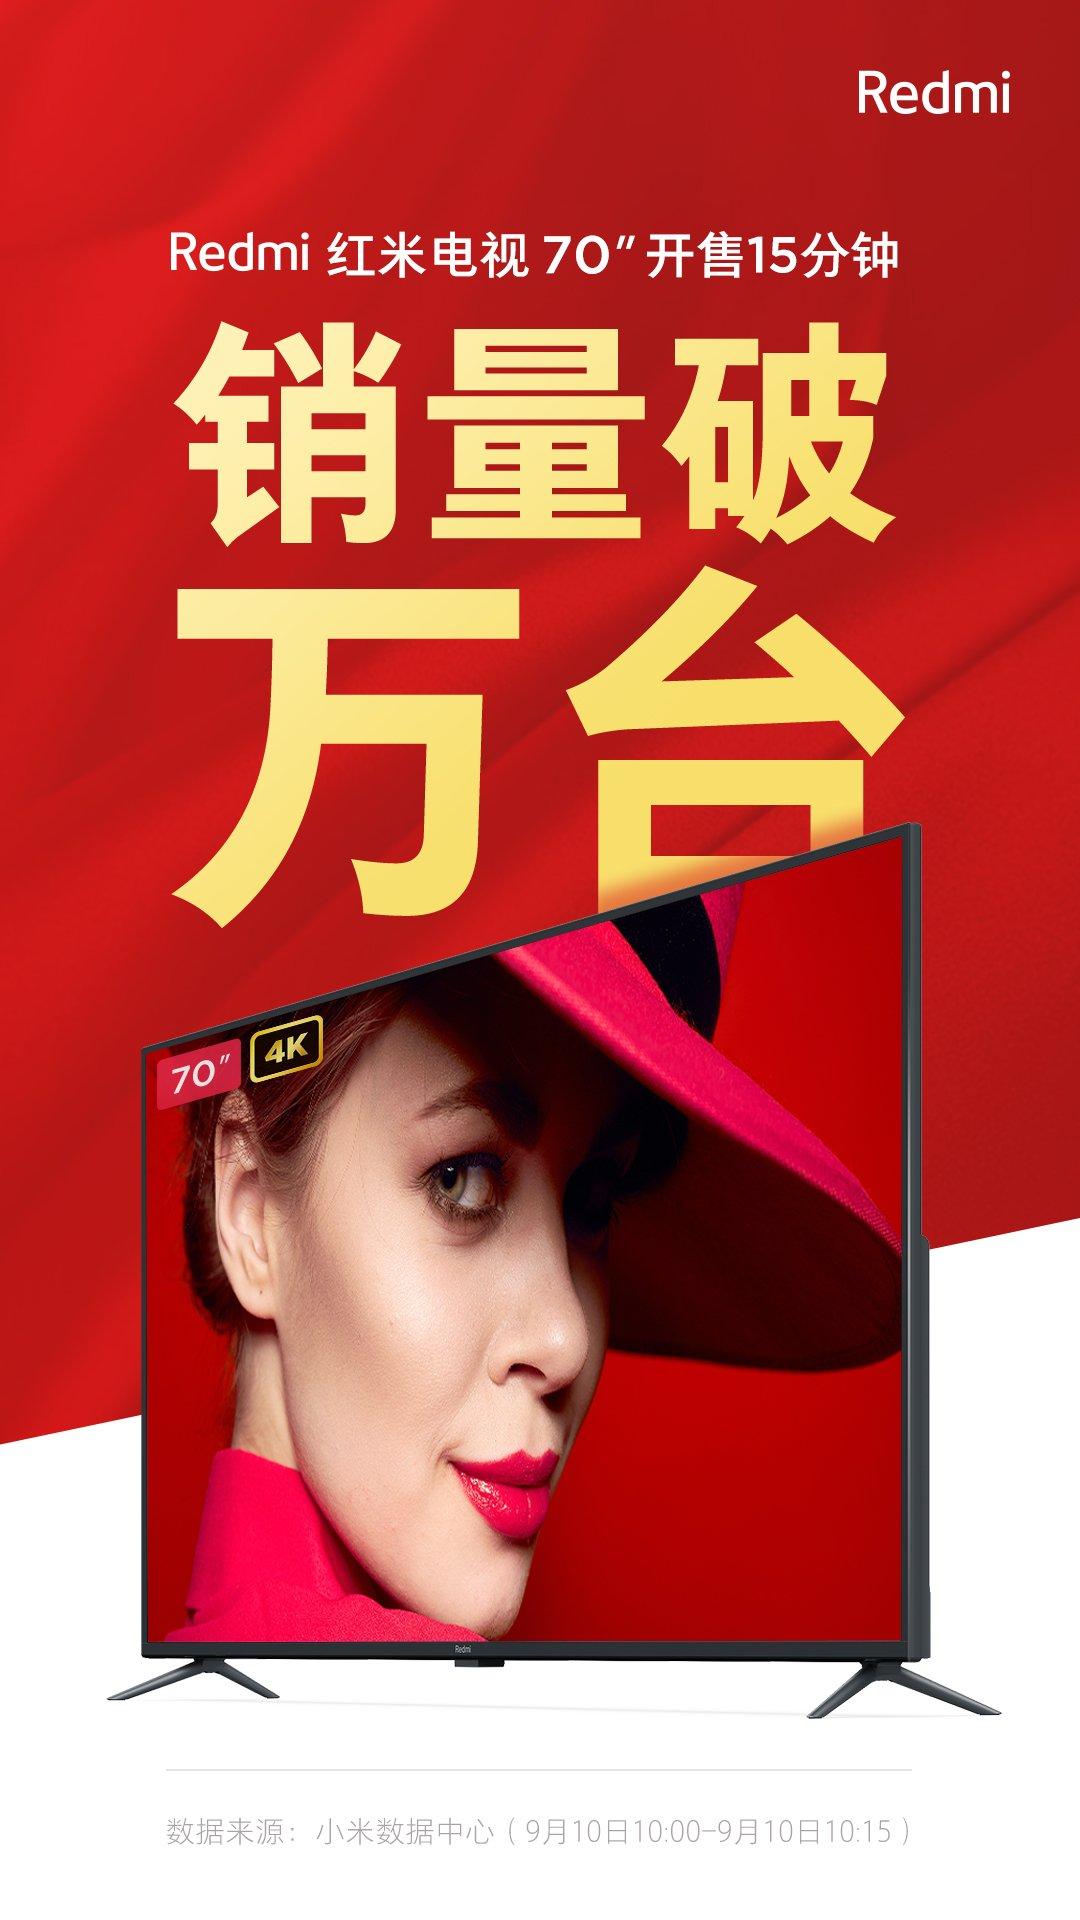 又一款爆品诞生!Redmi红米电视开售15分钟销量破万台